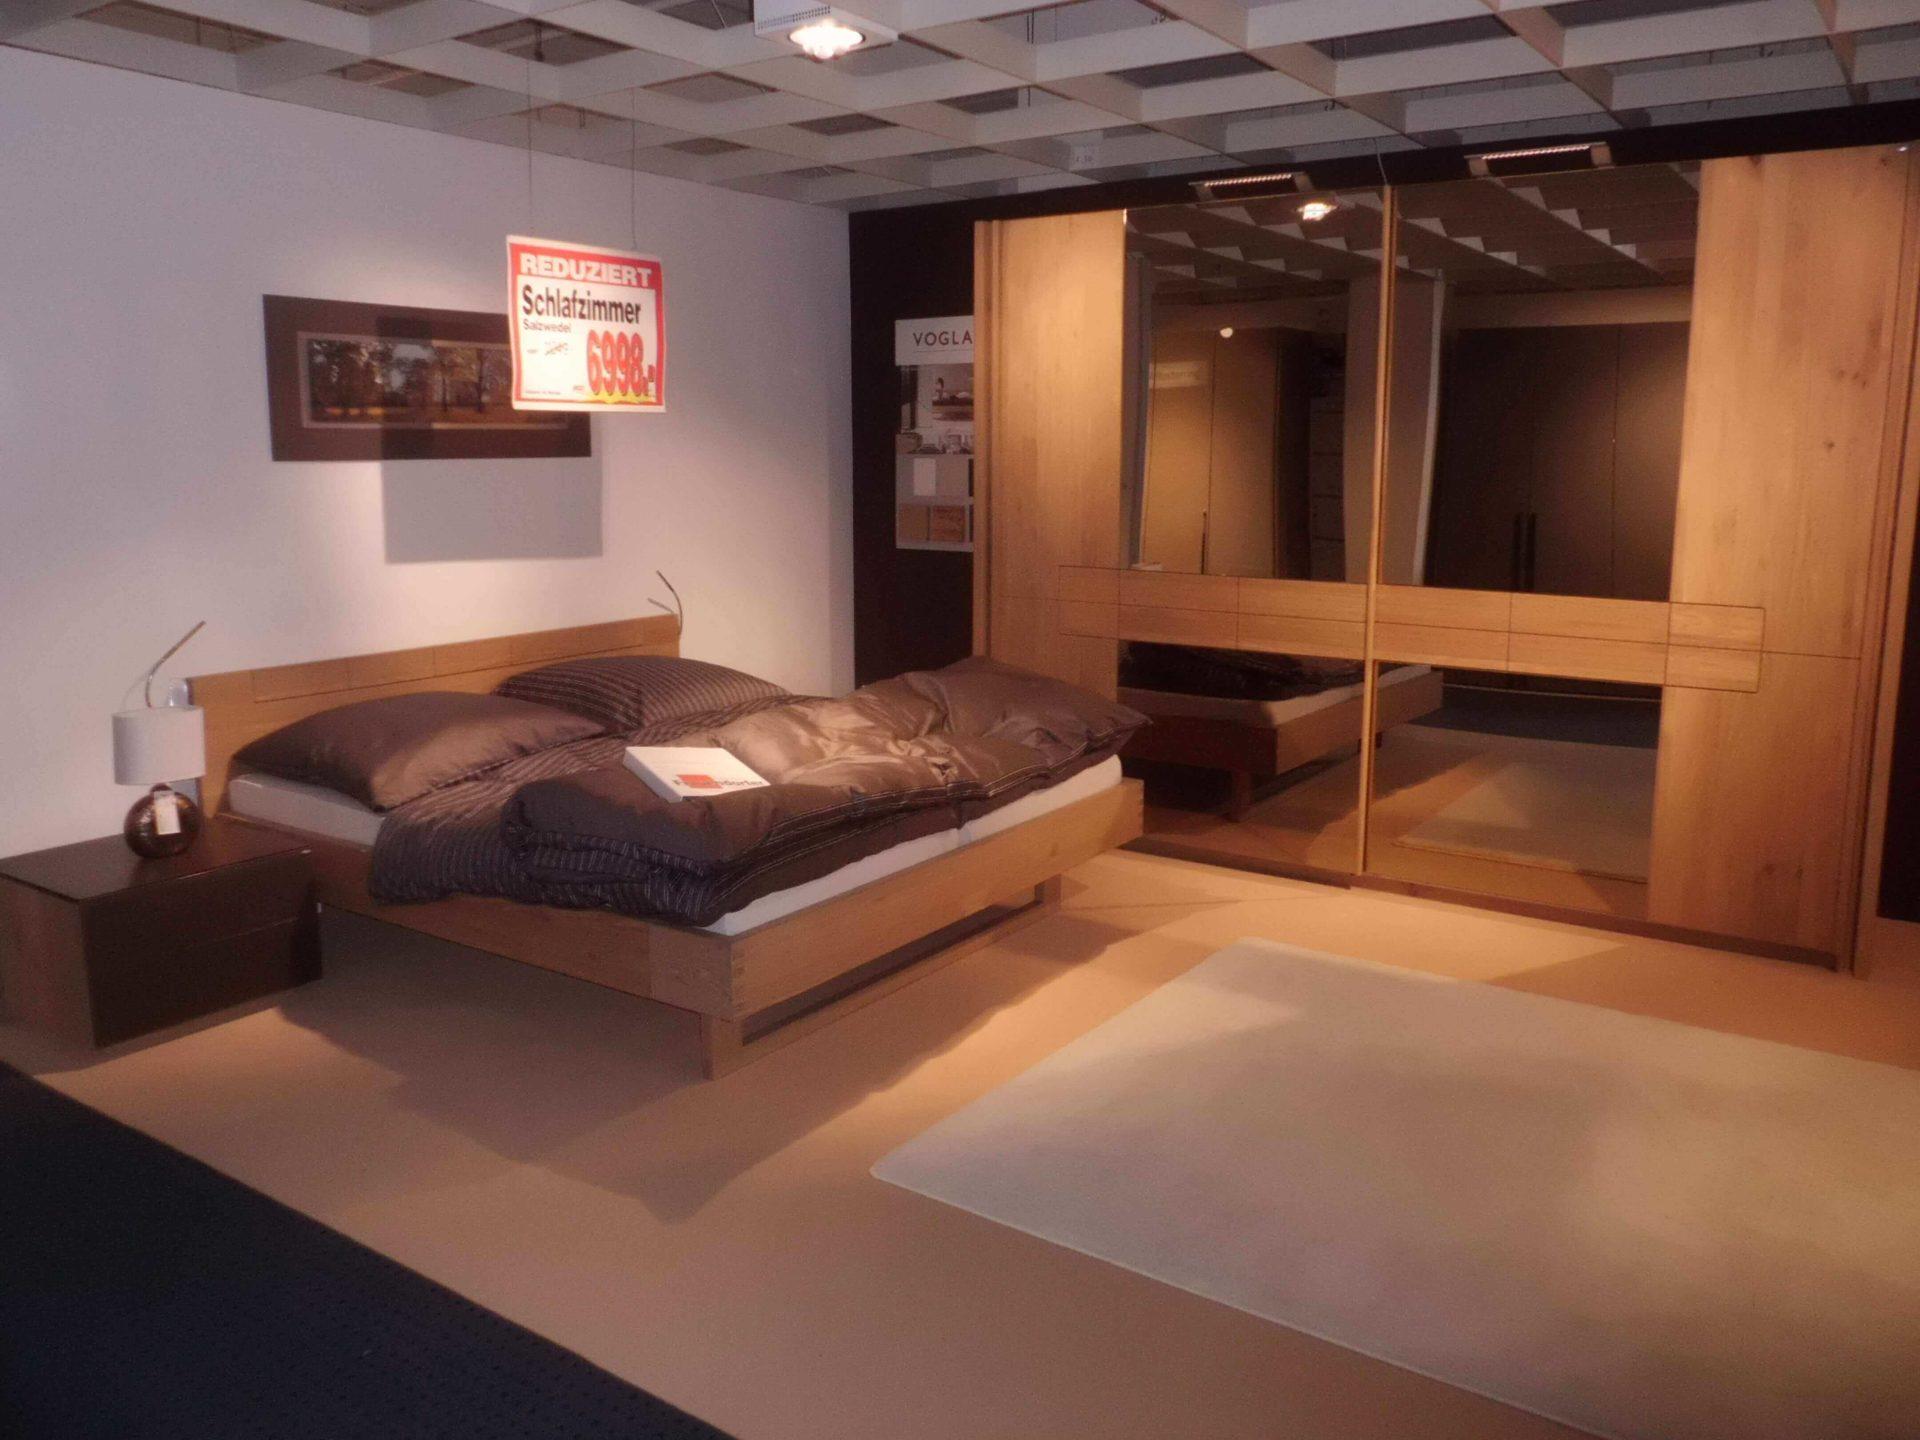 abverkauf schlafzimmer abomaheberinfo - Beliebt Voglauer Schlafzimmer Eindruck